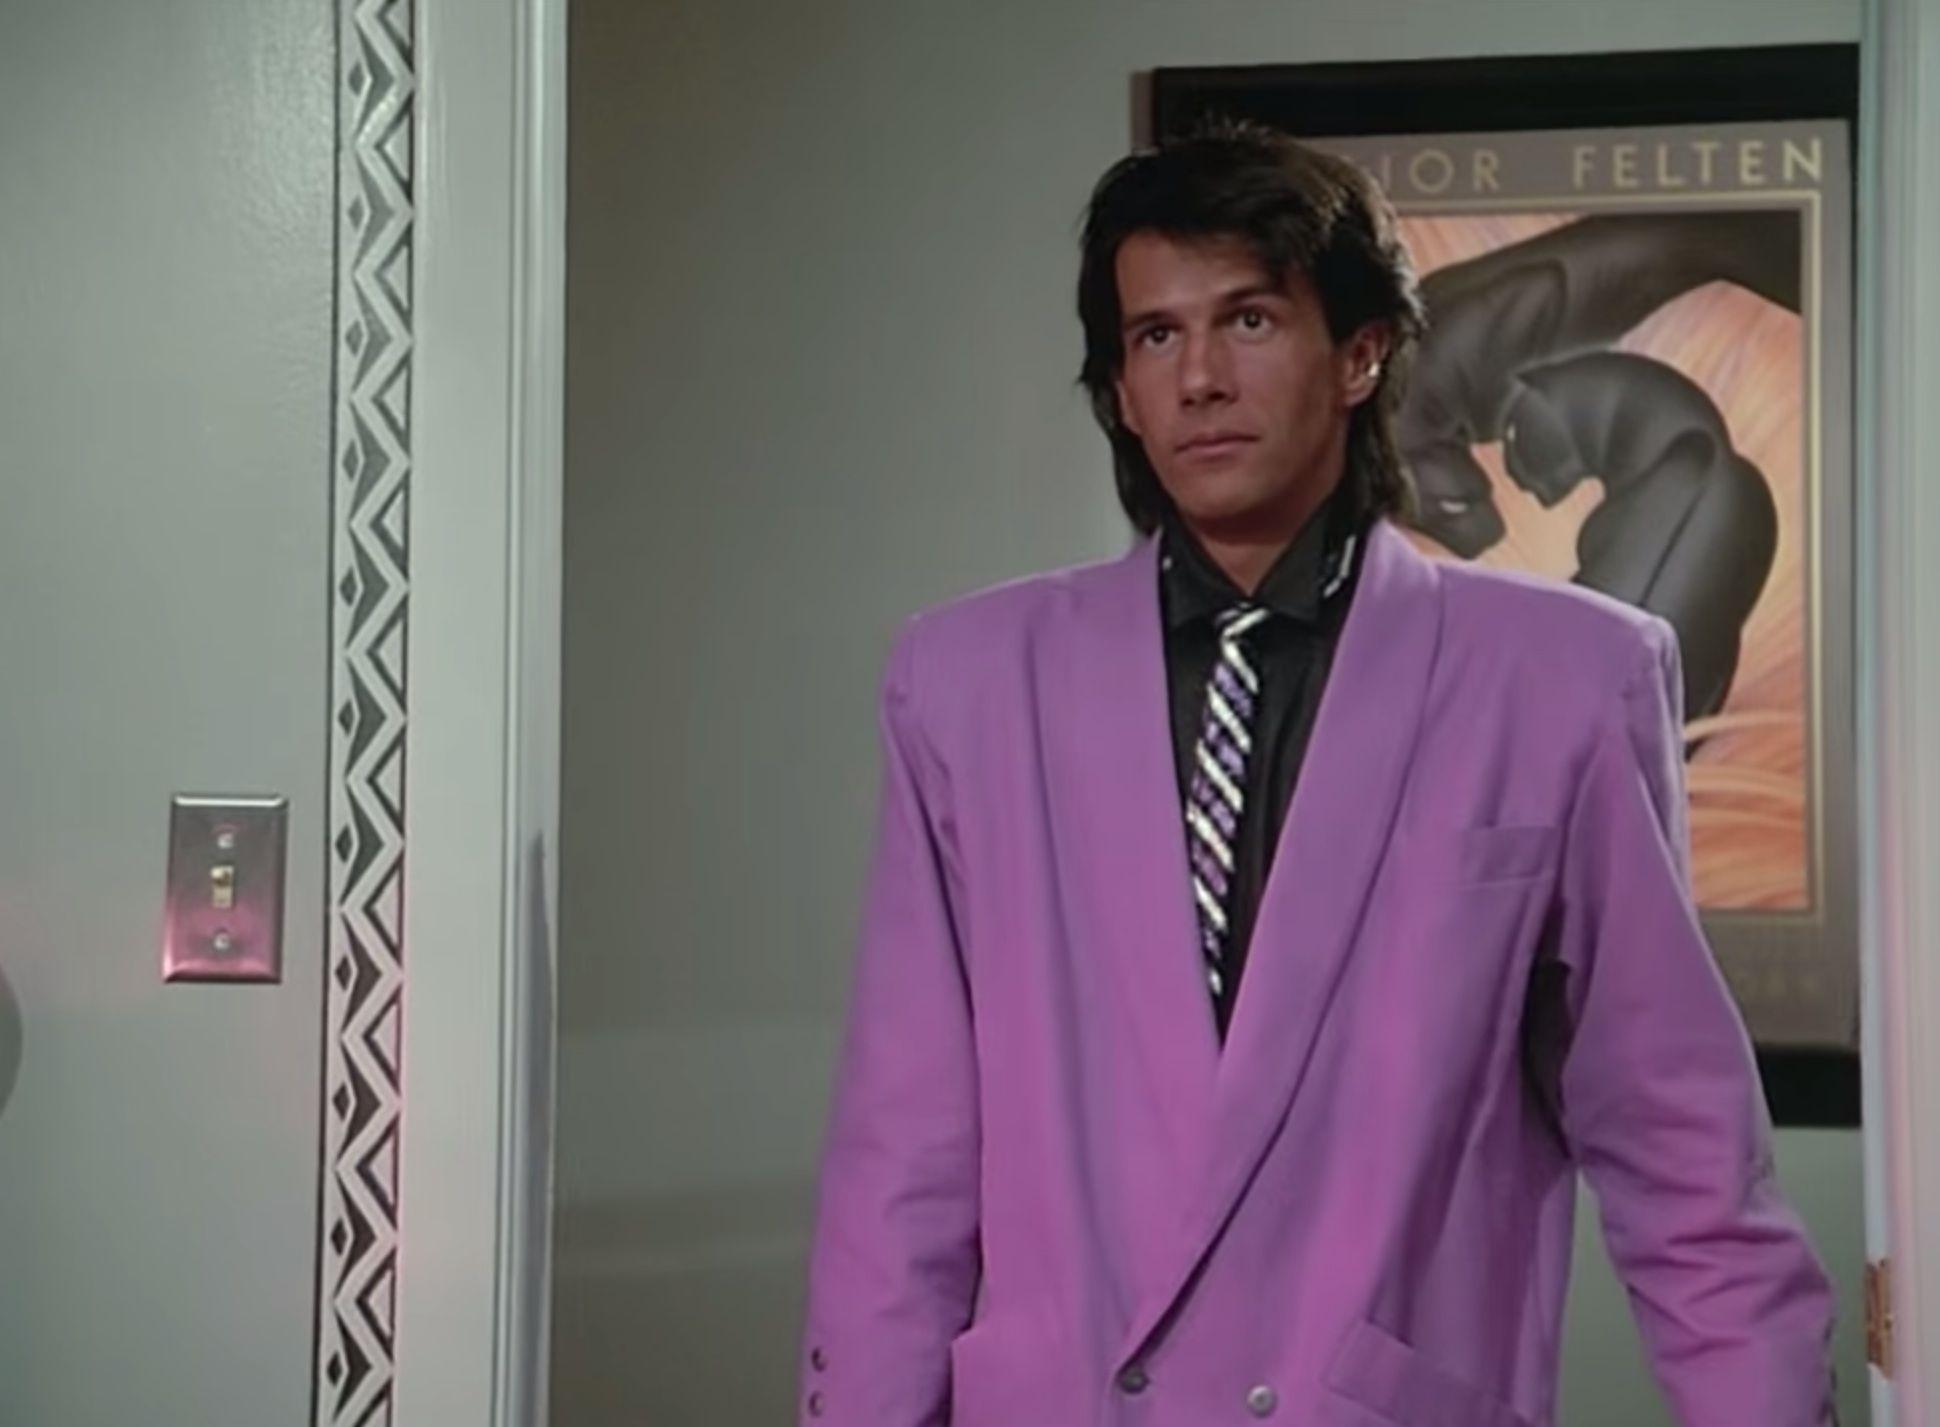 Miami Vice Bad 80s Fashion , Miami Vice Style Supercut